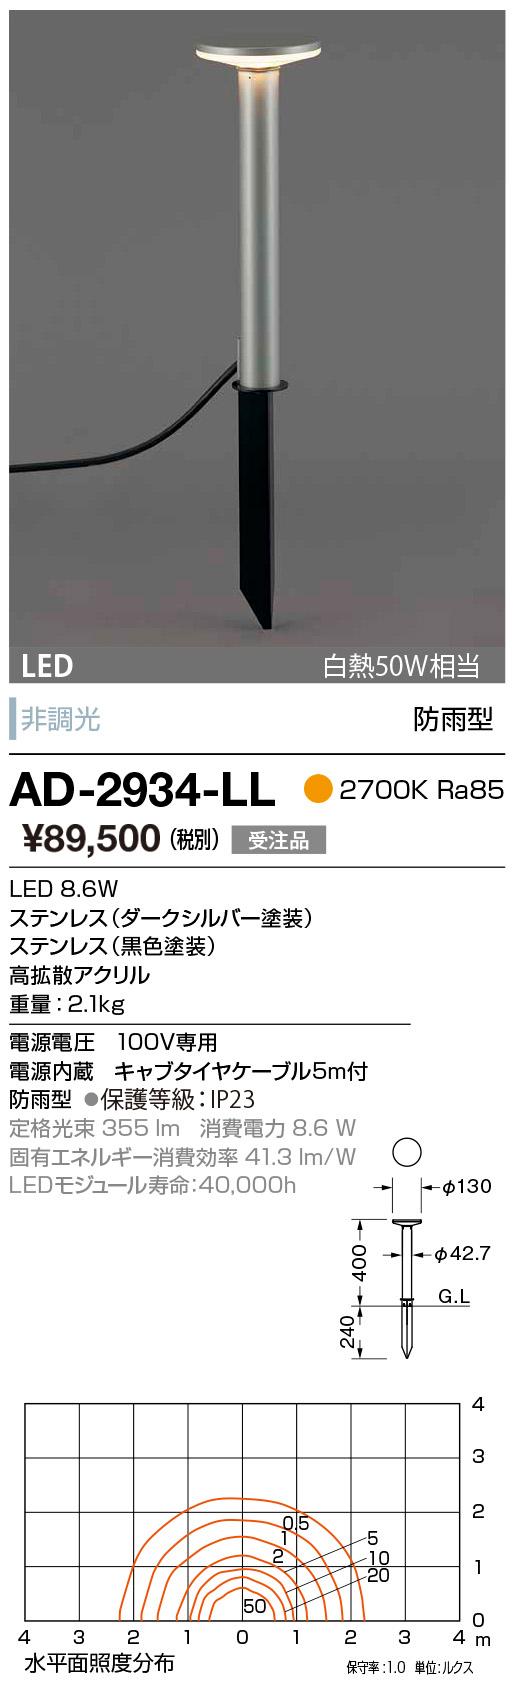 AD-2934-LL 山田照明 照明器具 エクステリア LED一体型スーパースリムガーデンライト 下方配光 電球色 白熱50W相当 非調光 防雨型 AD-2934-LL